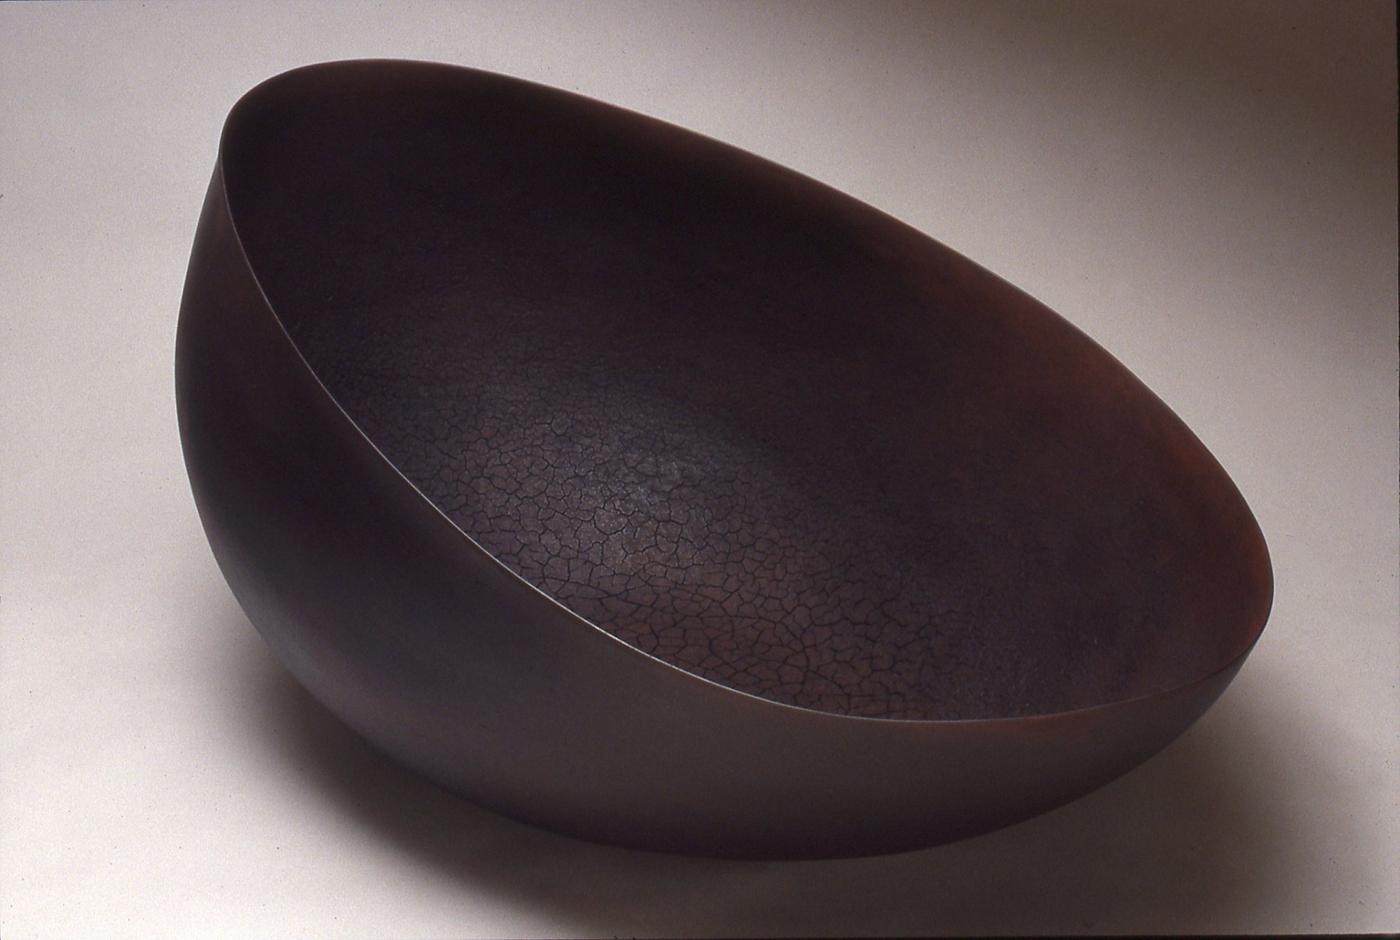 Duenna, 2002